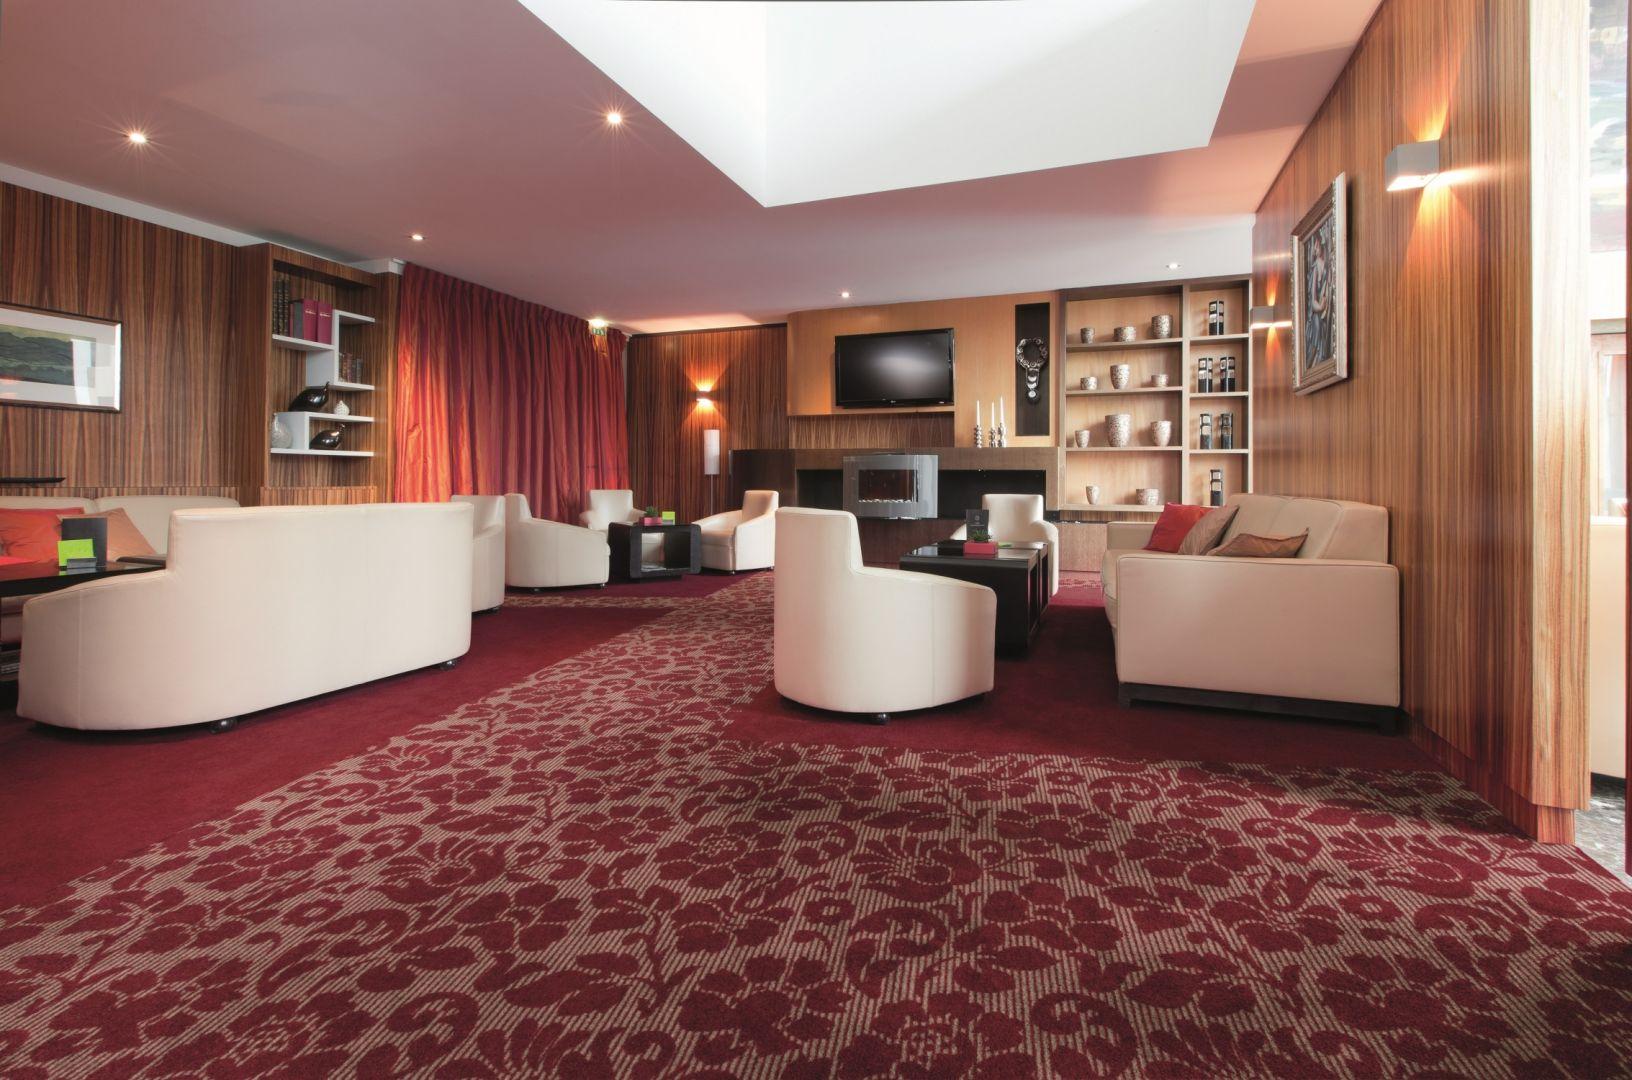 Wykładzina Hotel Design 2015/2016, wykładziny dywanowe, hotelowe